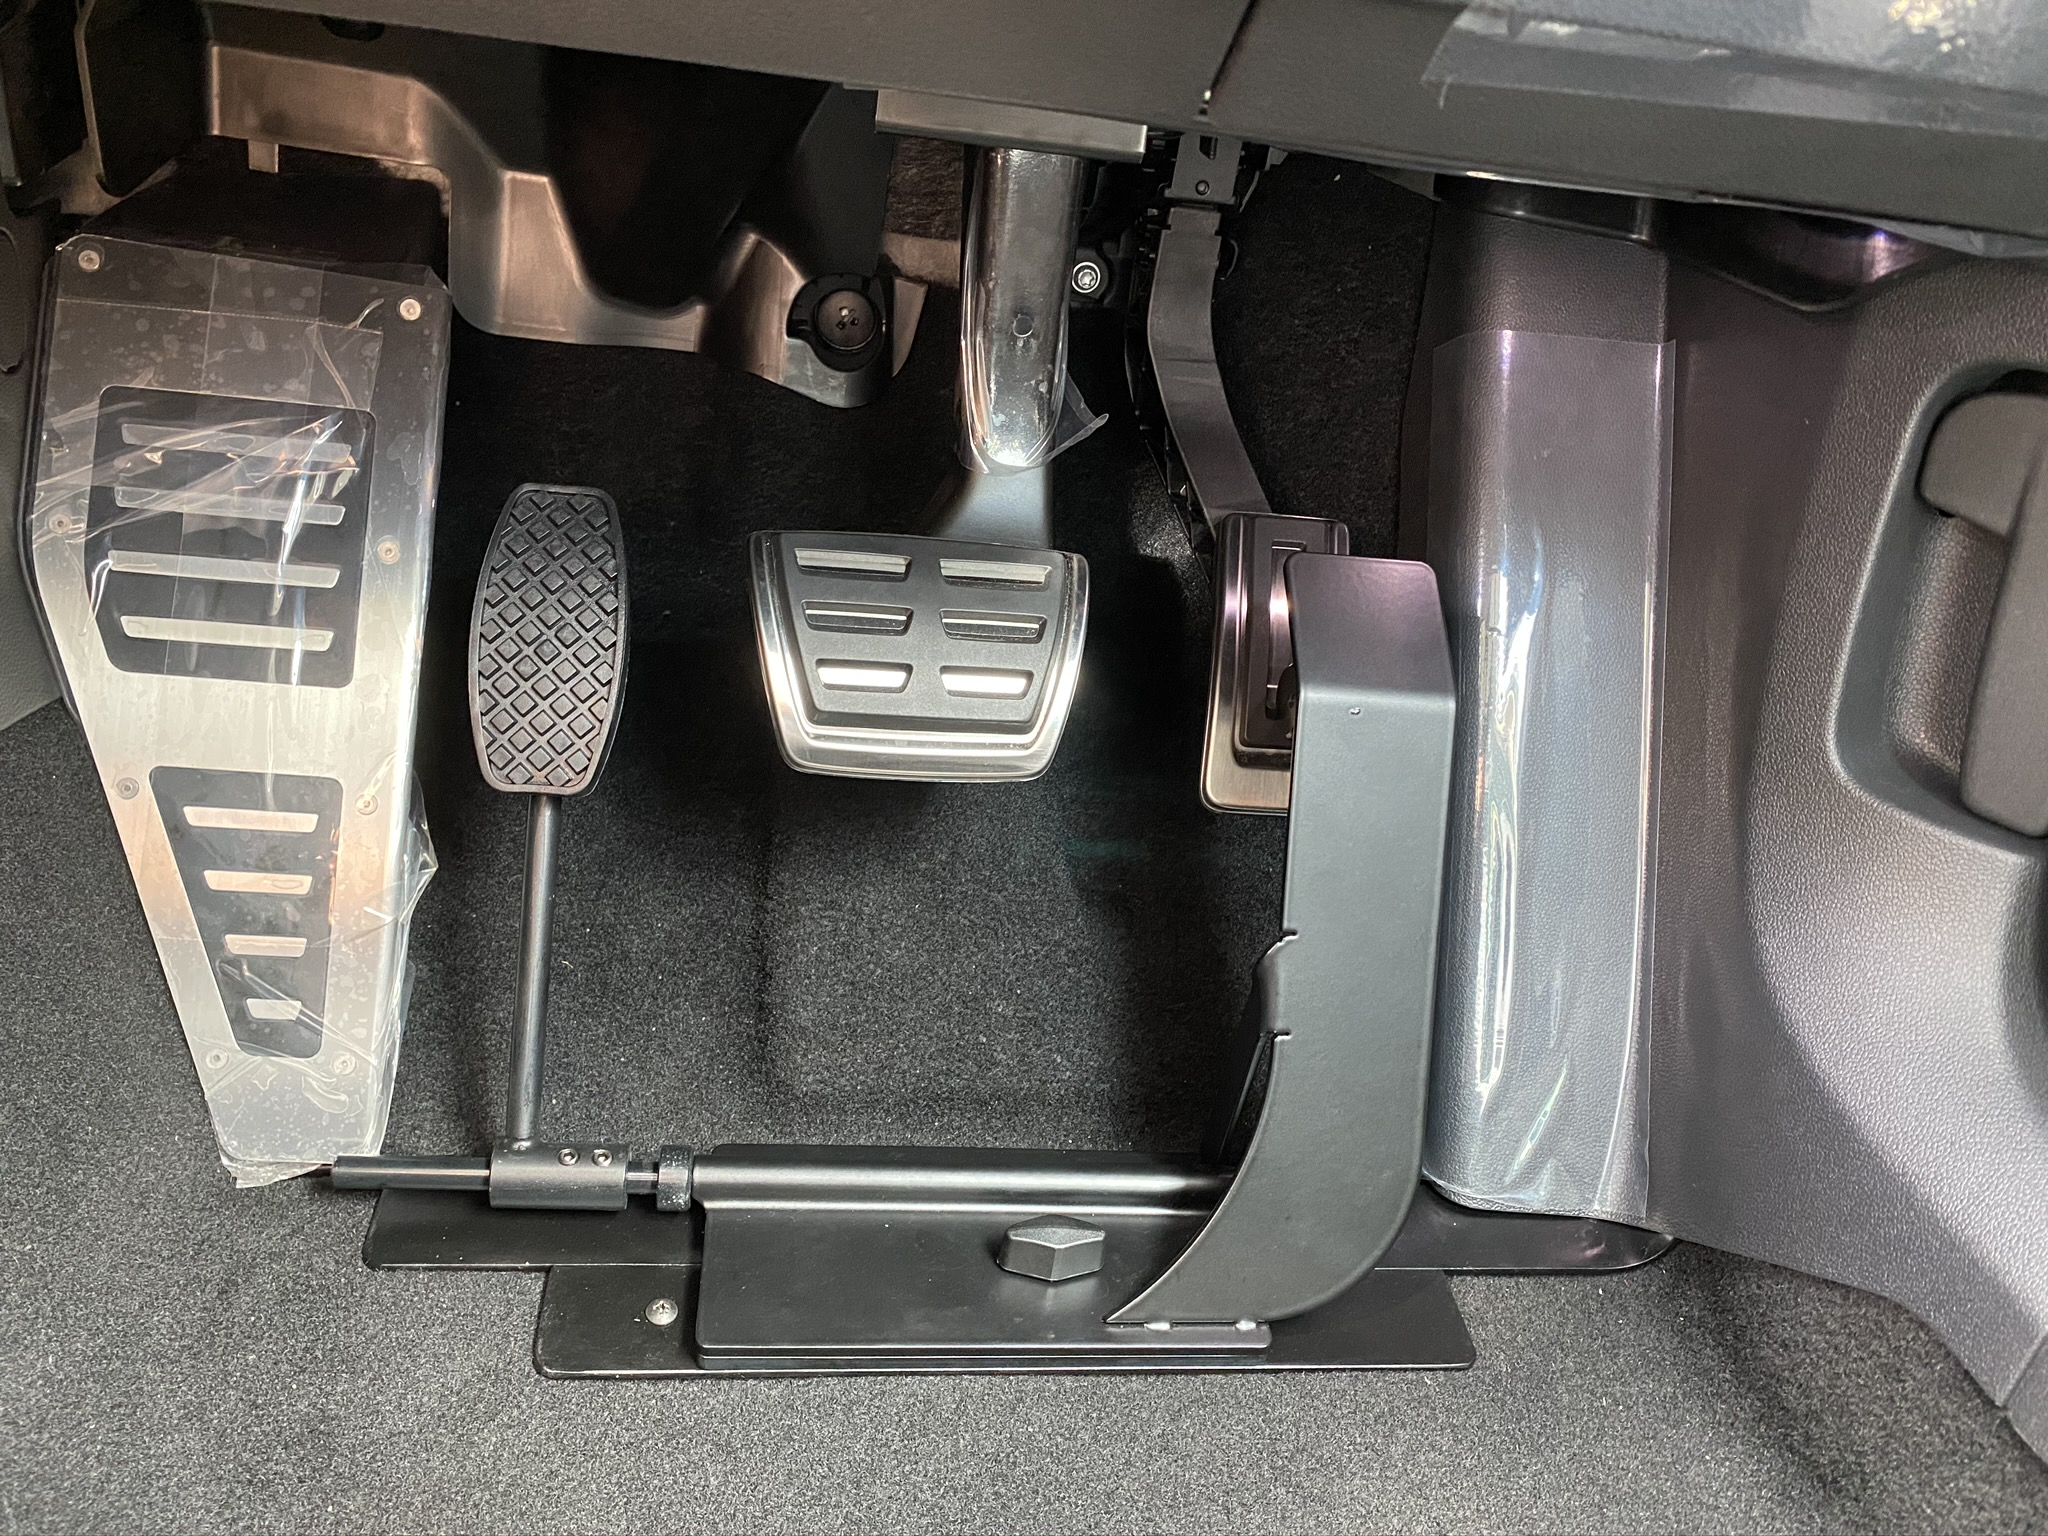 福祉車両改造 フォルクスワーゲン パサート 左足アクセル 福祉車両への改造 ⑦